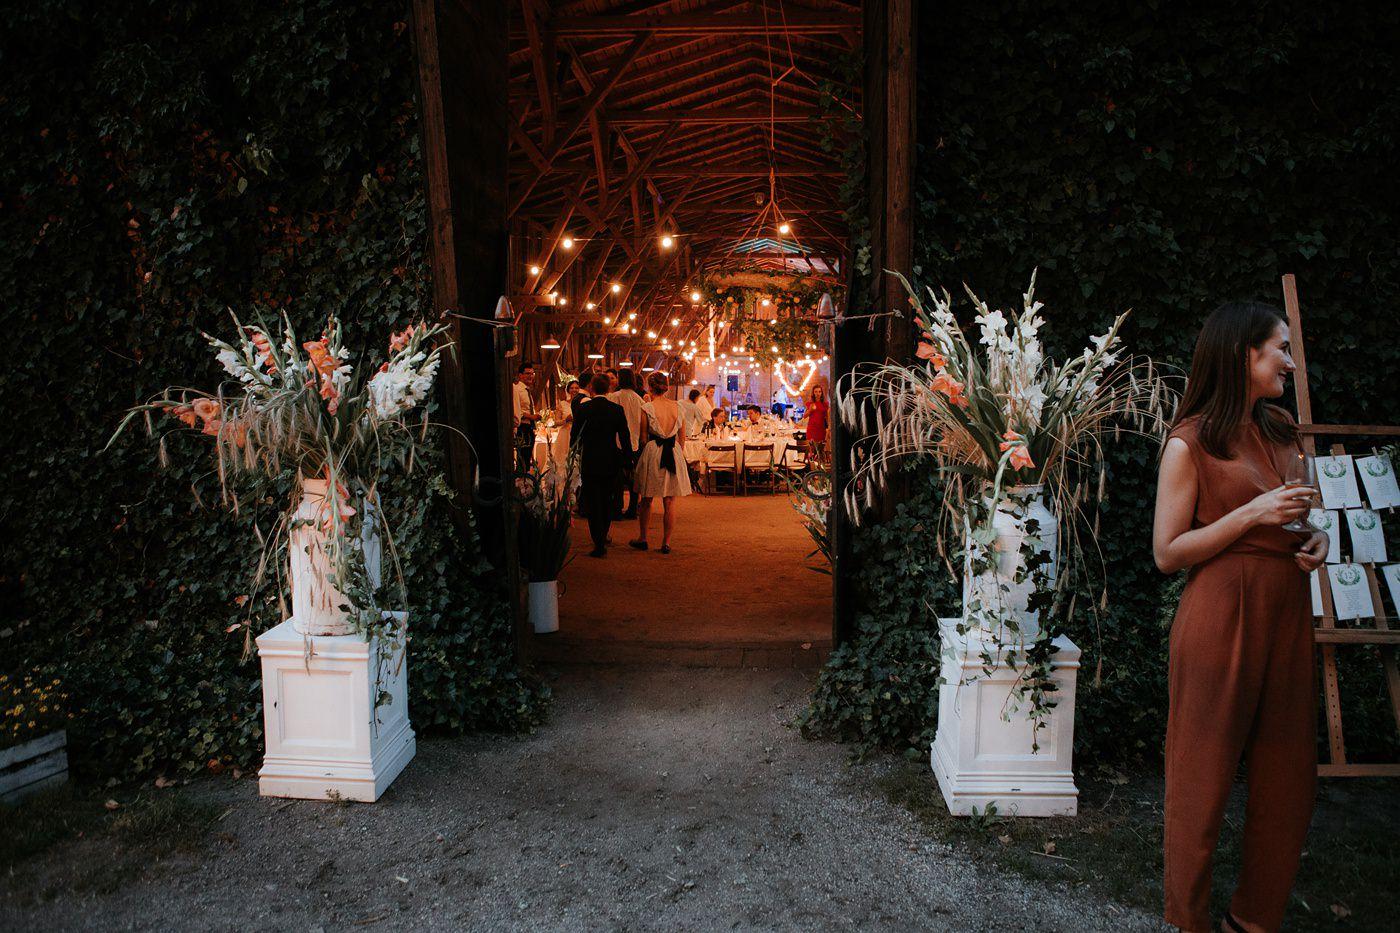 Dominika & Aleksander - Rustykalne wesele w stodole - Baborówko 115